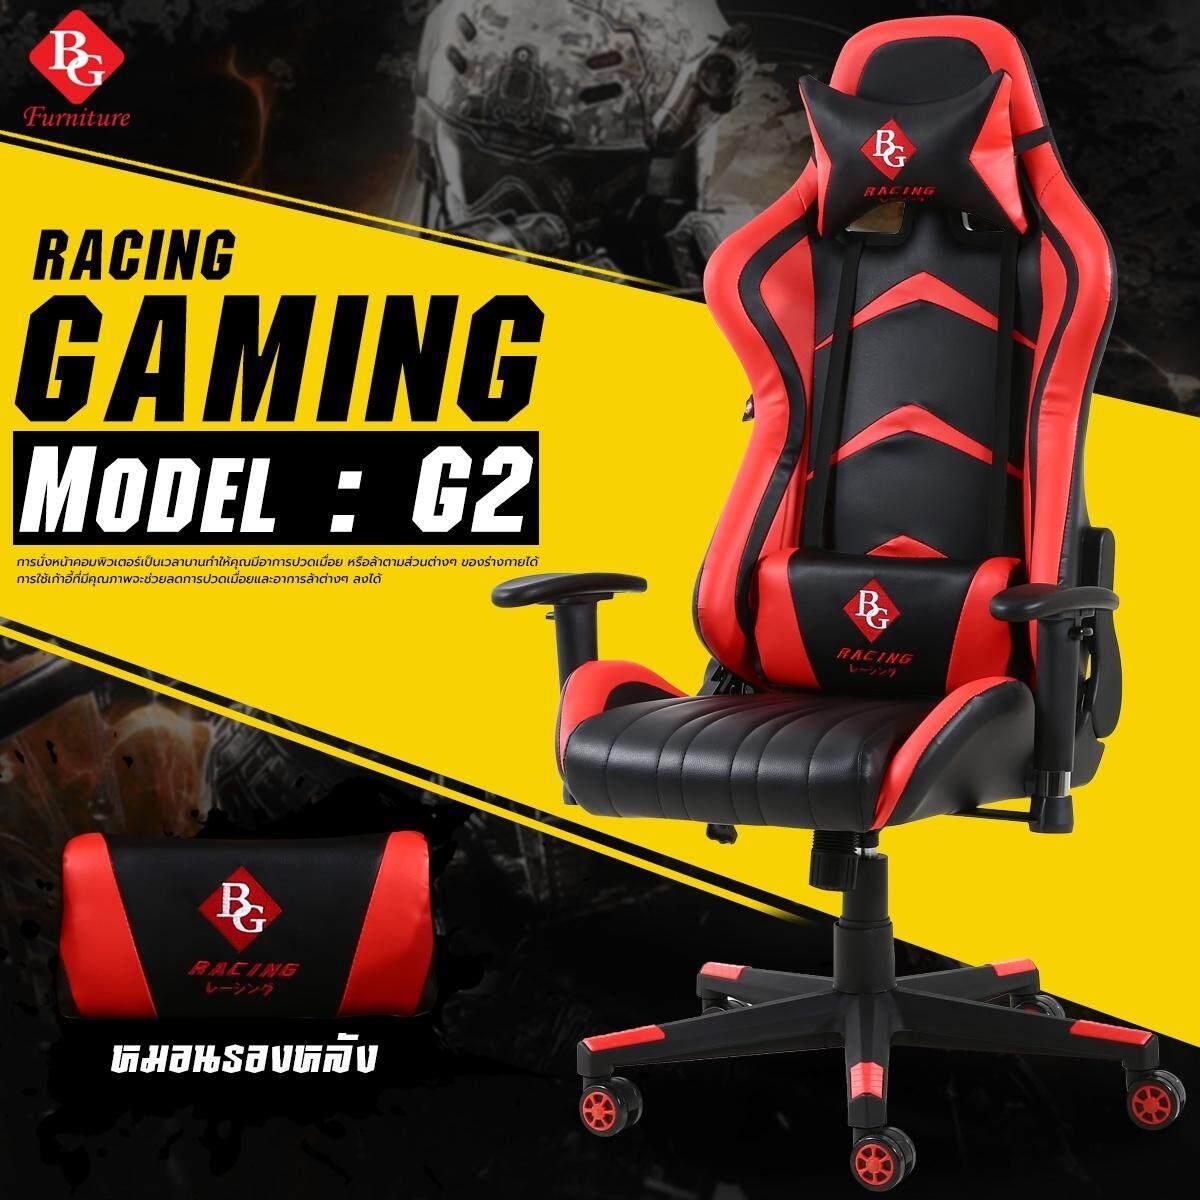 ยี่ห้อนี้ดีไหม  BG Furniture เก้าอี้เล่นเกม Raching Gaming Chair รุ่น G2